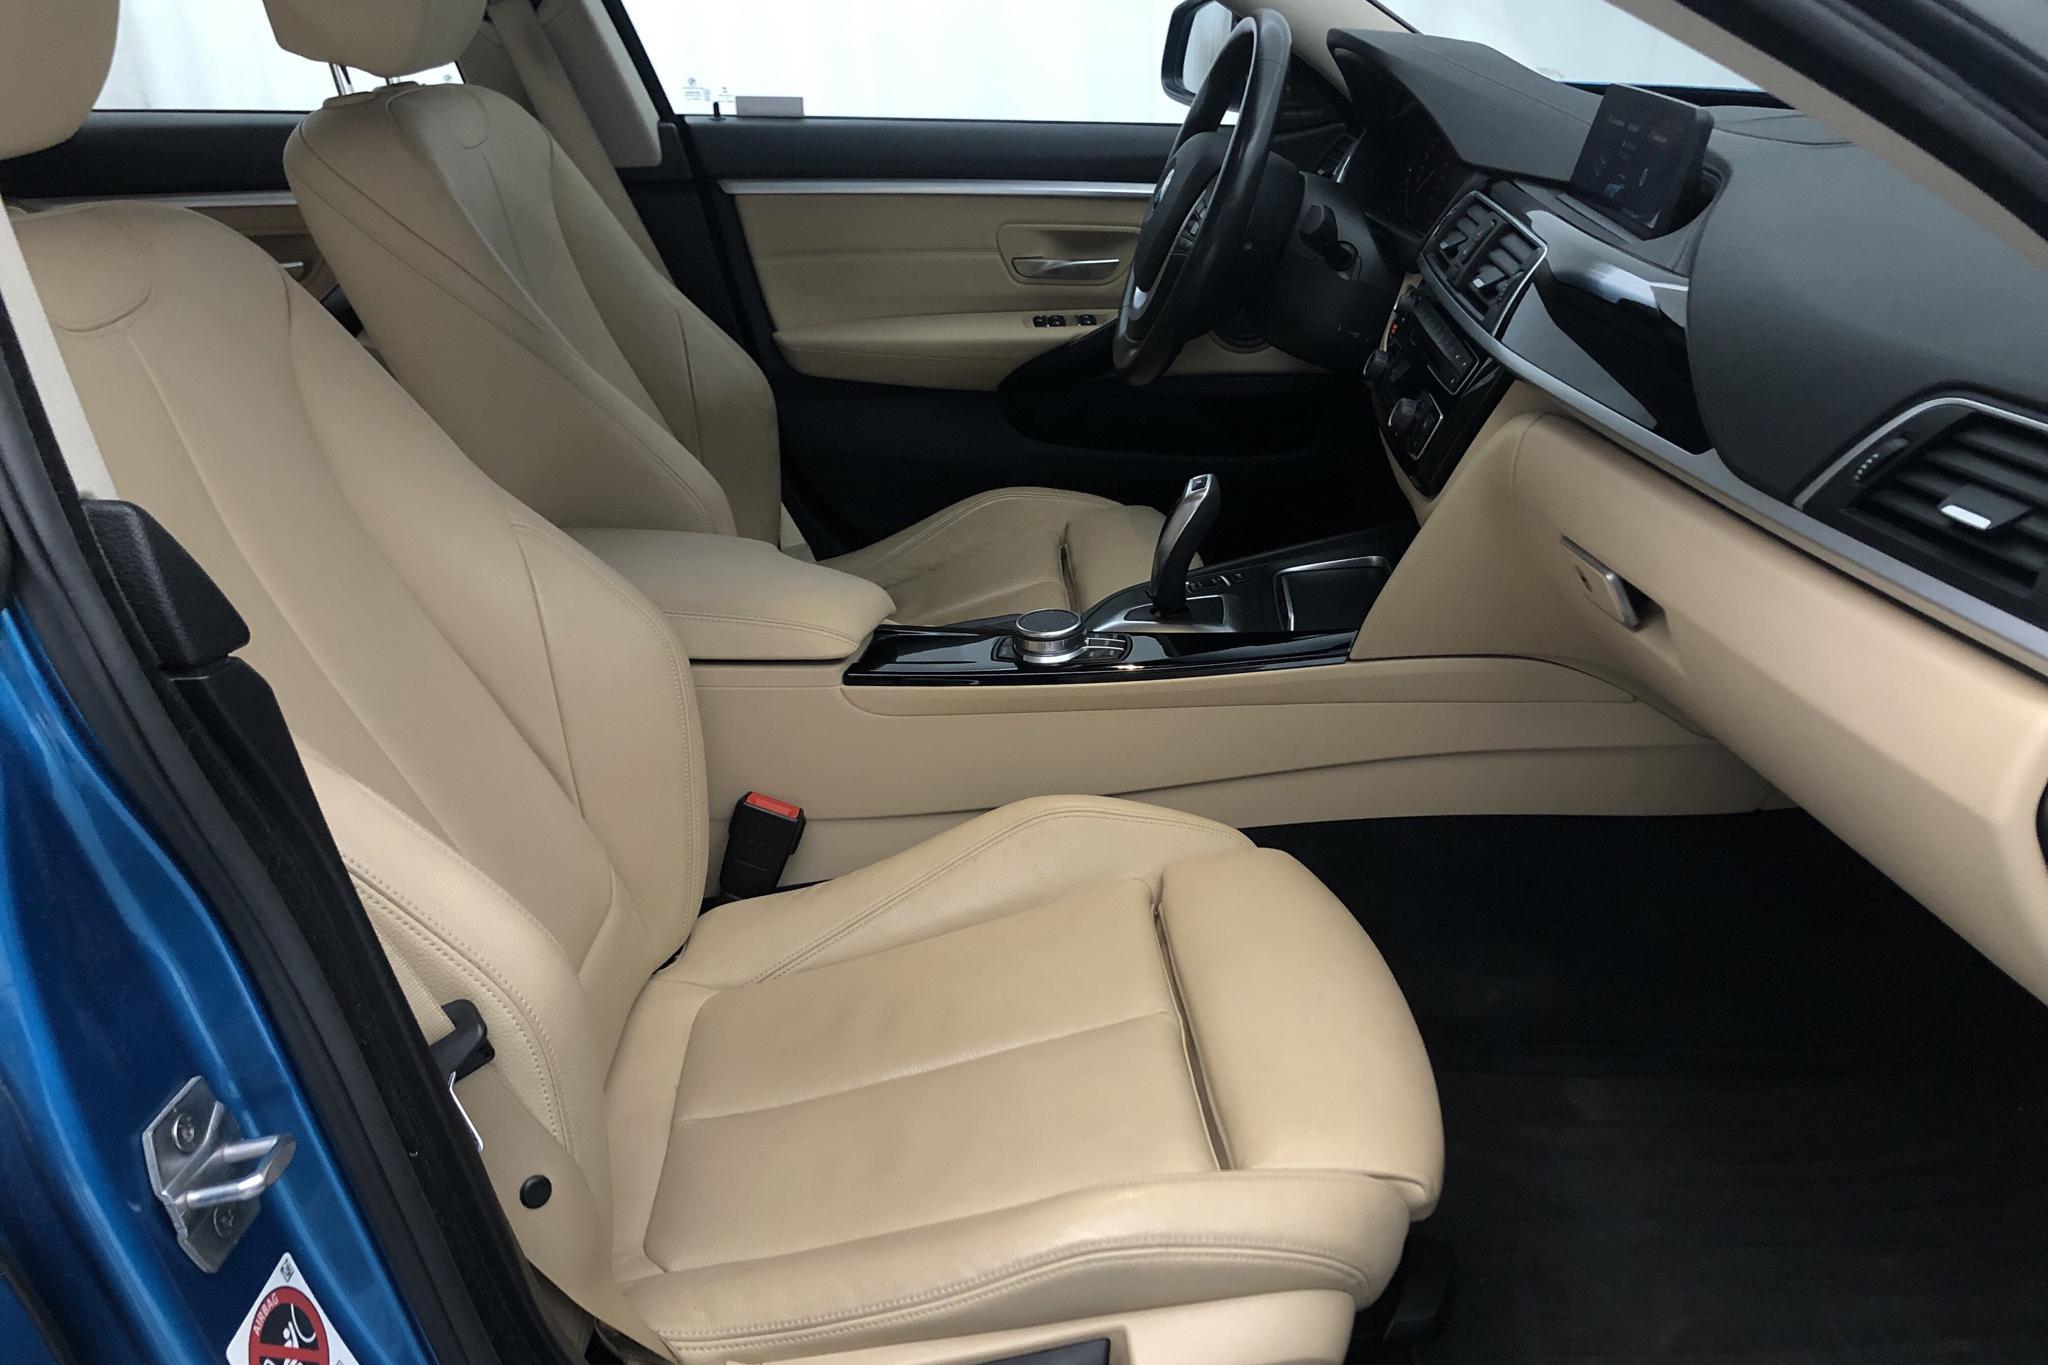 BMW 420d xDrive Gran Coupé, F36 (190hk) - 6 056 mil - Automat - blå - 2018